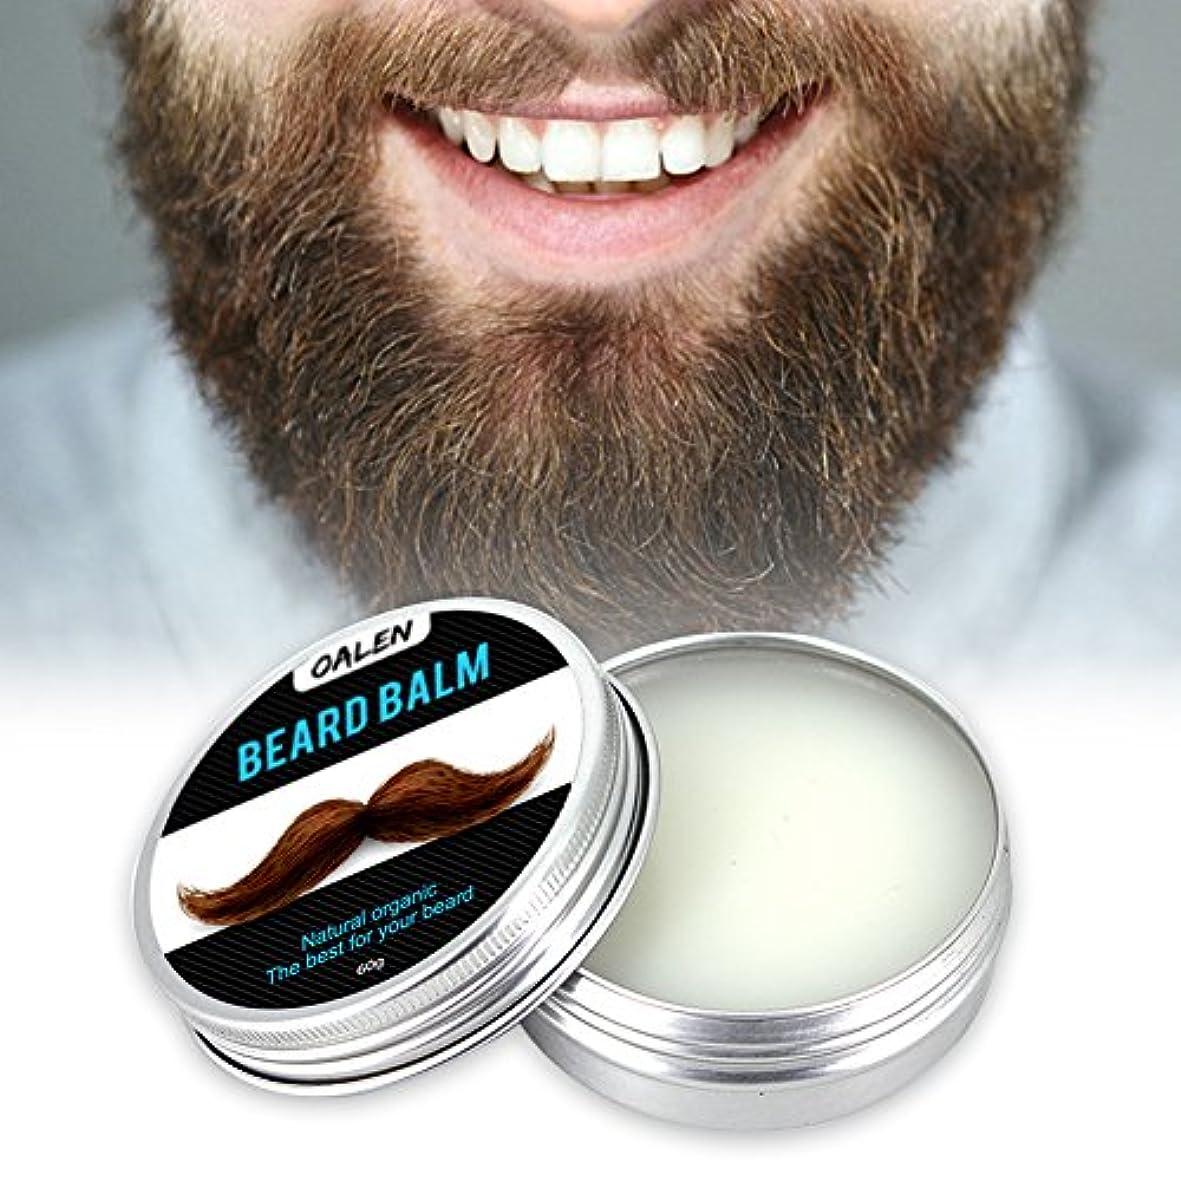 Ruier-tong ビアードワックス ビアードバーム メンズひげワックス 口髭用ワックス ひげクリーム 保湿/滋養/ひげ根のケアなどの効果  ひげケア必需品 携帯便利 ホワイト